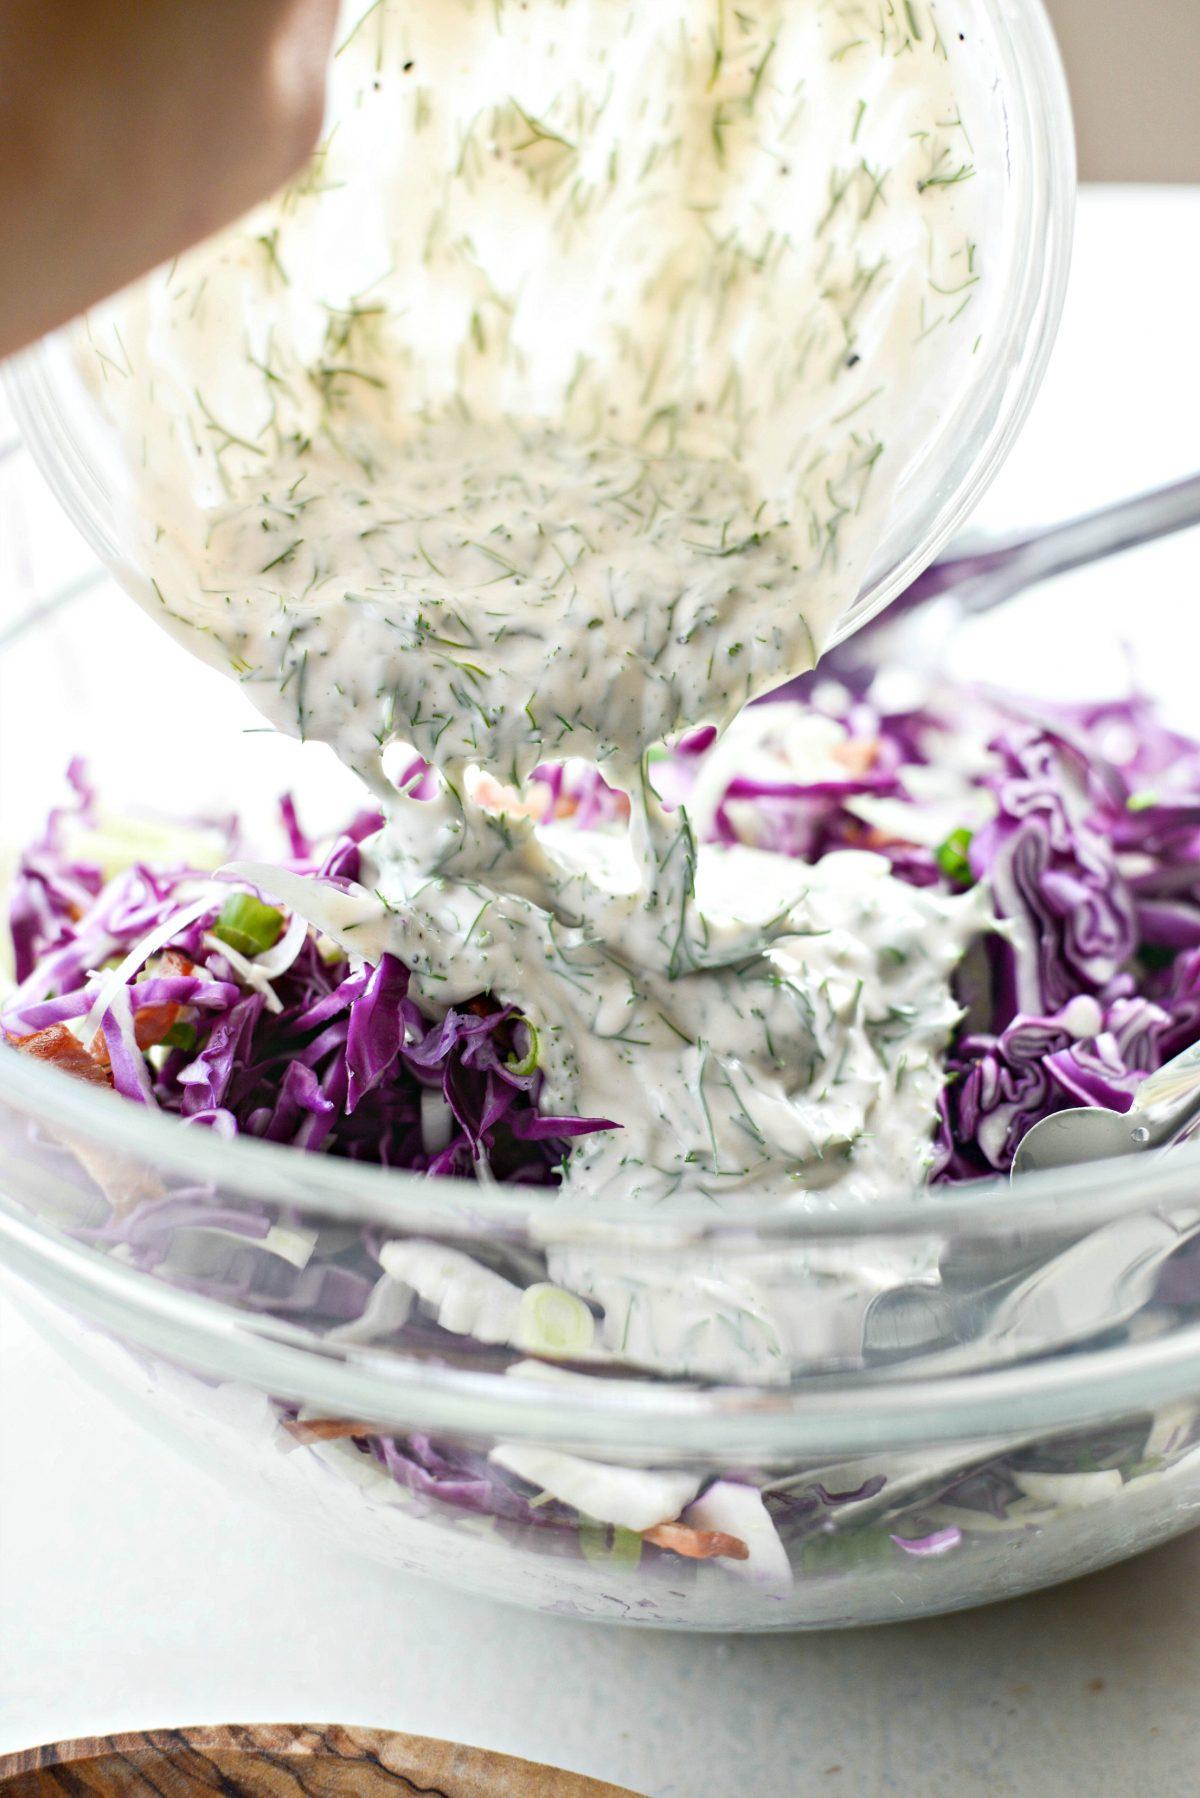 Fennel Cabbage Slaw l SimplyScratch.com #fennel #cabbage #slaw #greekyogurt #dressing #bacon #coleslaw